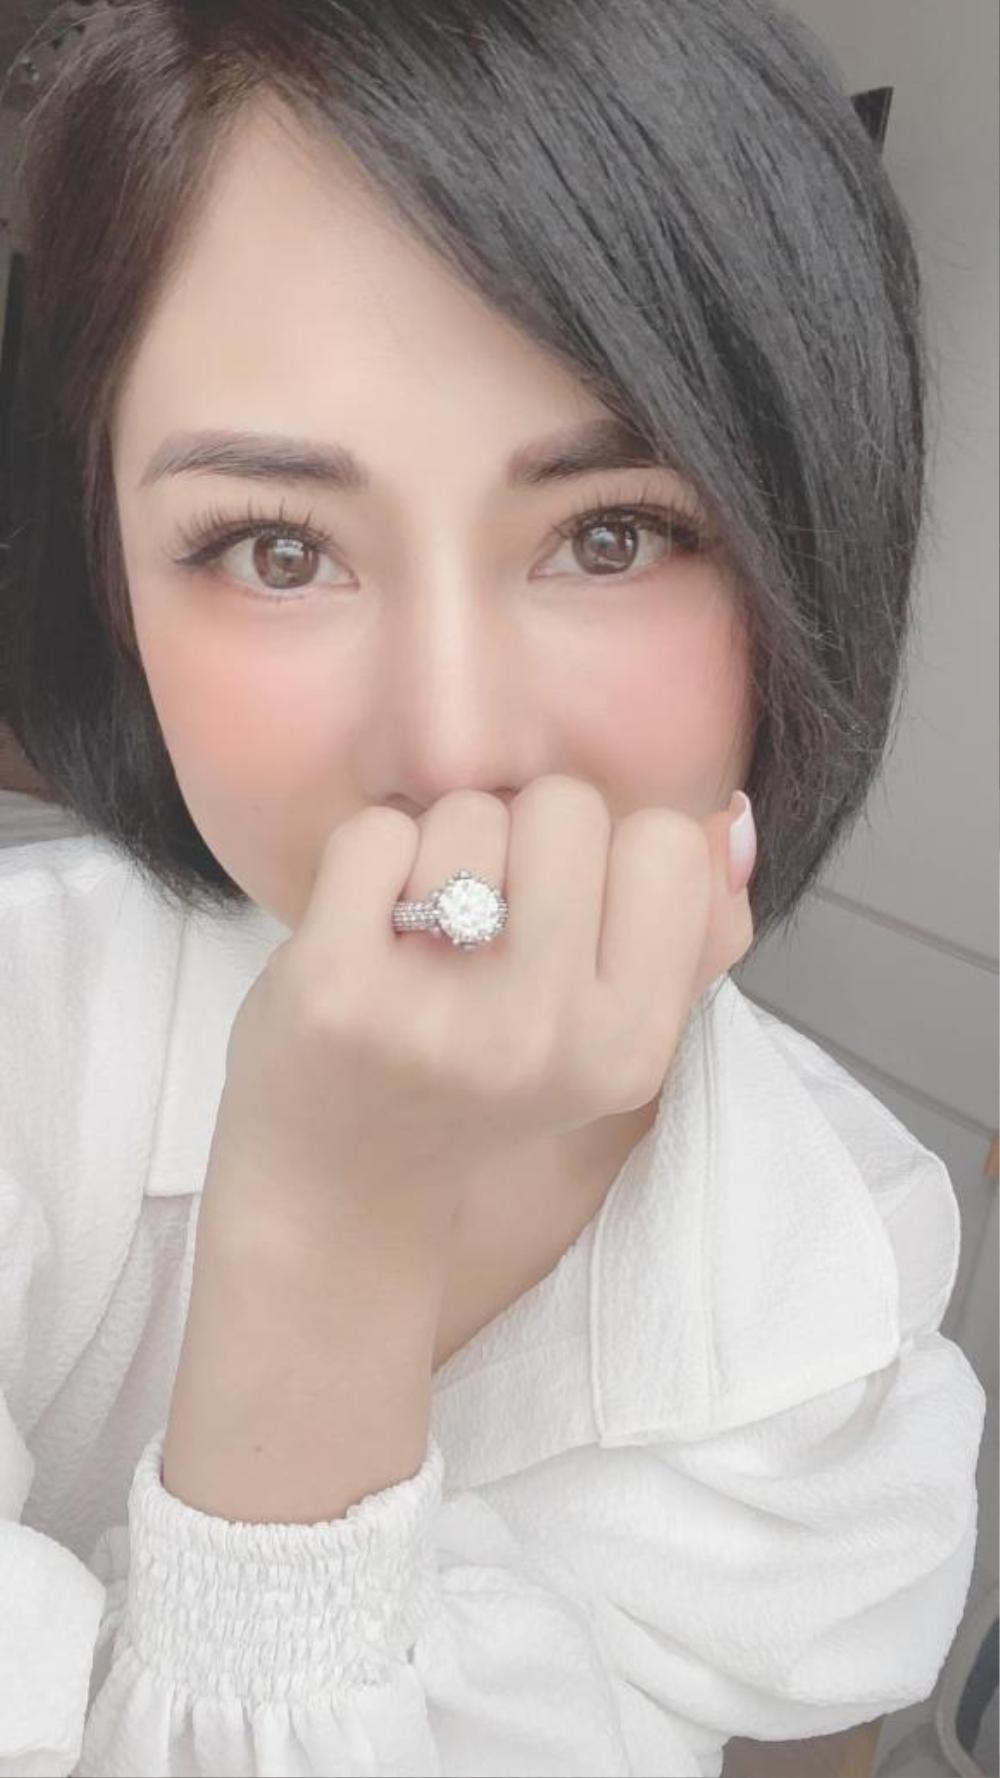 Huỳnh Anh chính thức cầu hôn bạn gái hơn tuổi Bạch Lan Phương Ảnh 3